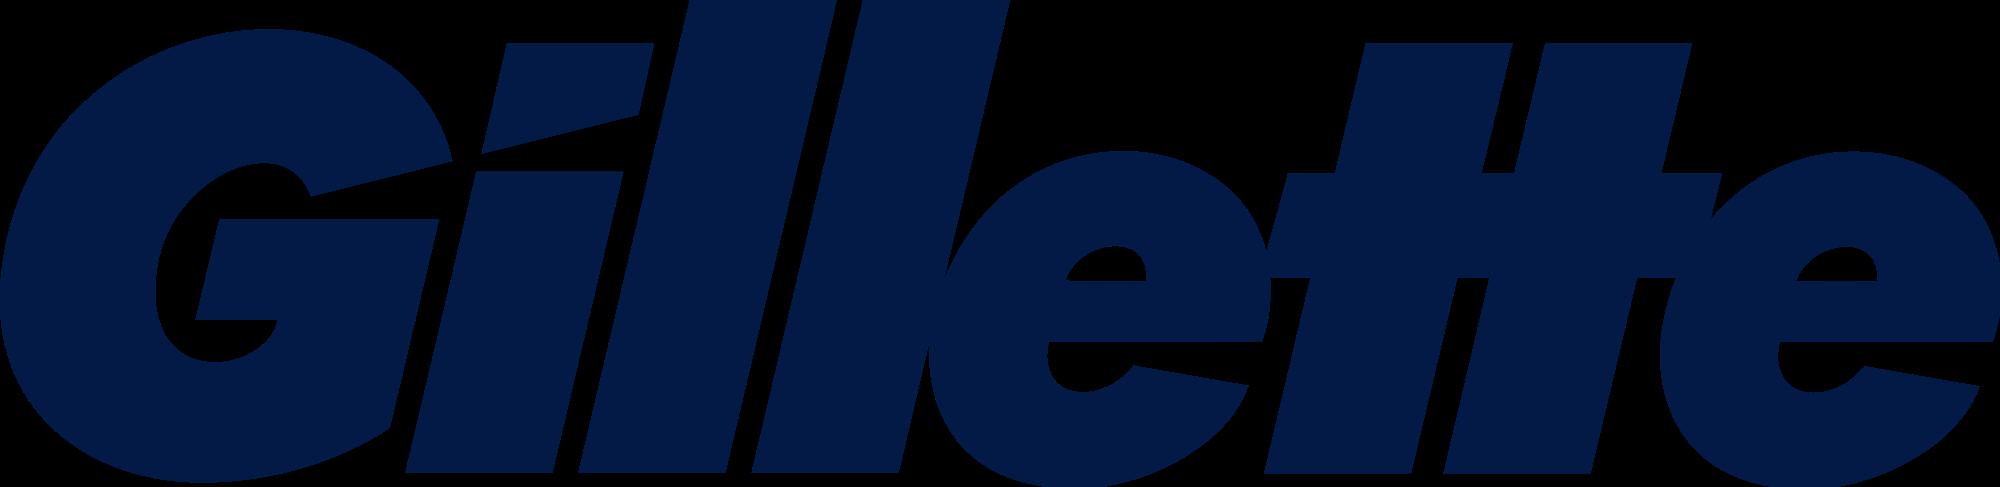 Gillette.png - Gillette HD PNG